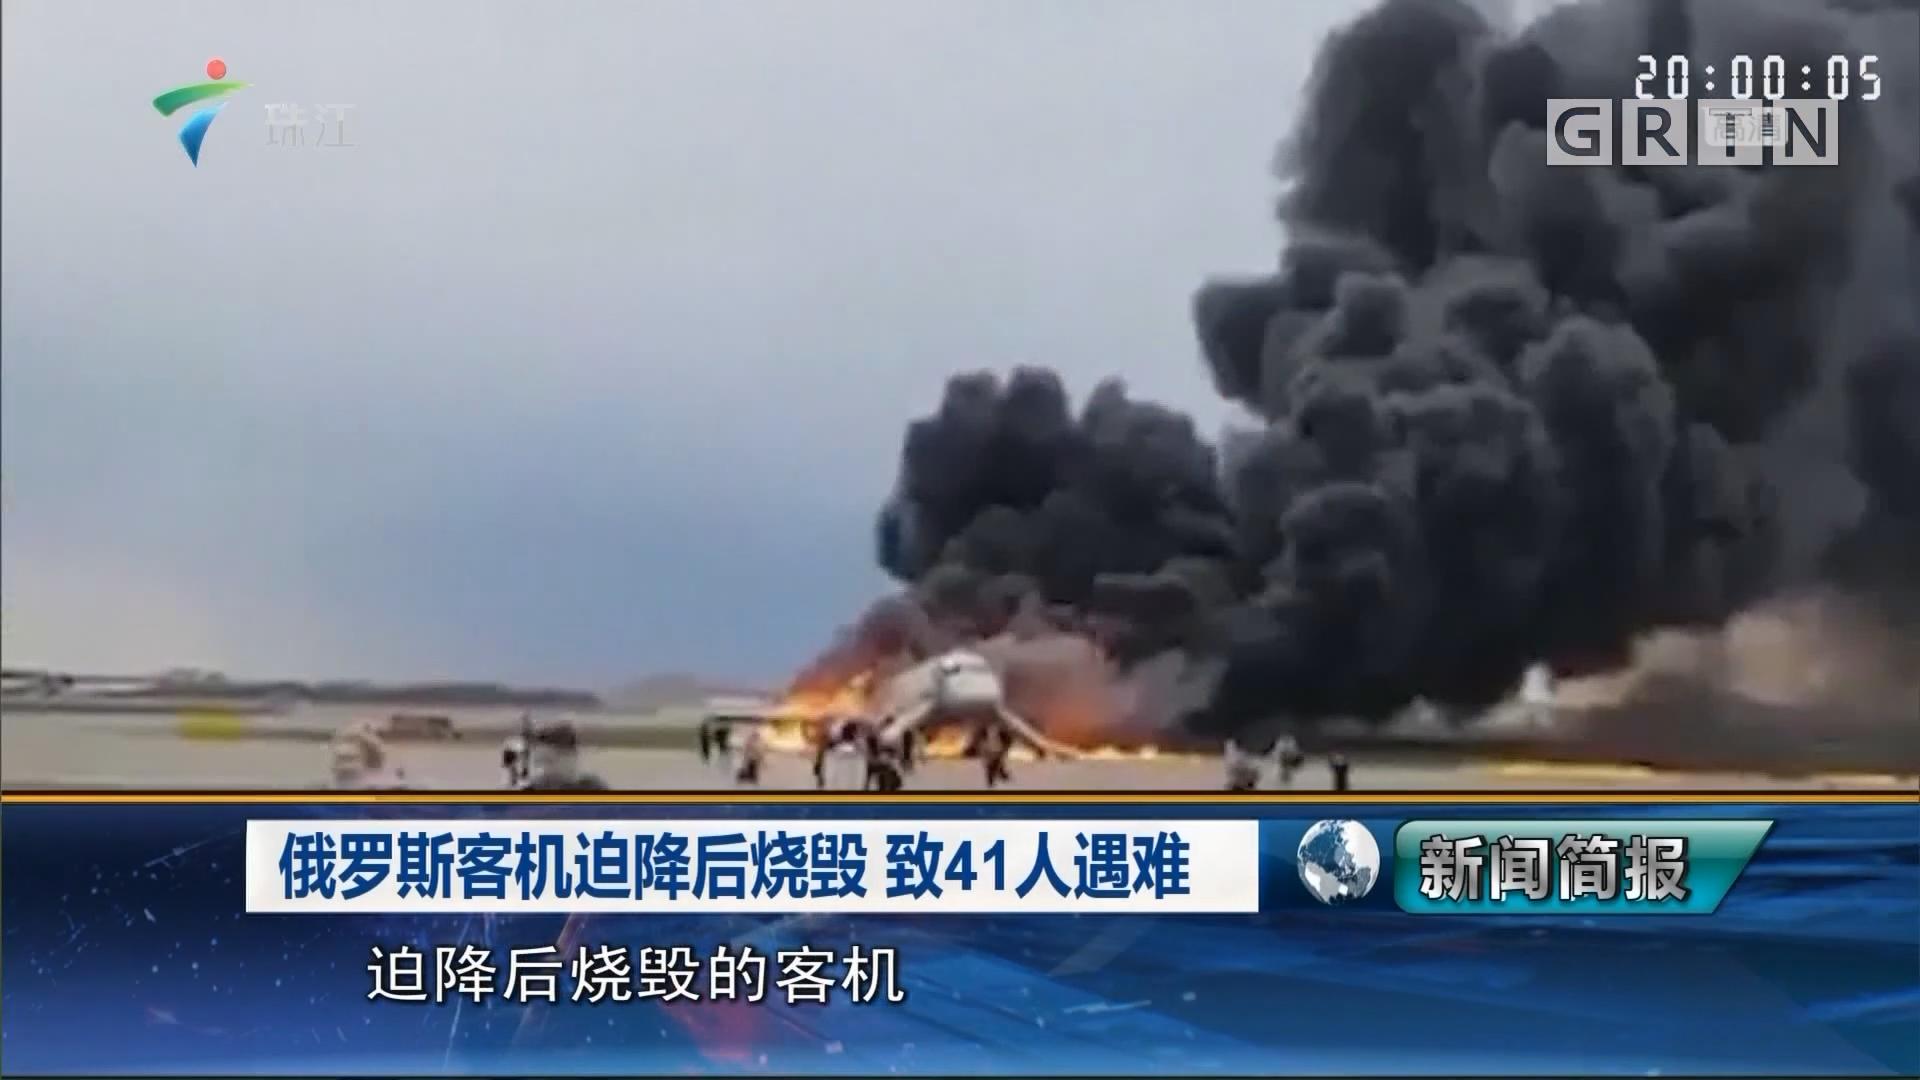 俄罗斯客机迫降后烧毁 致41人遇难